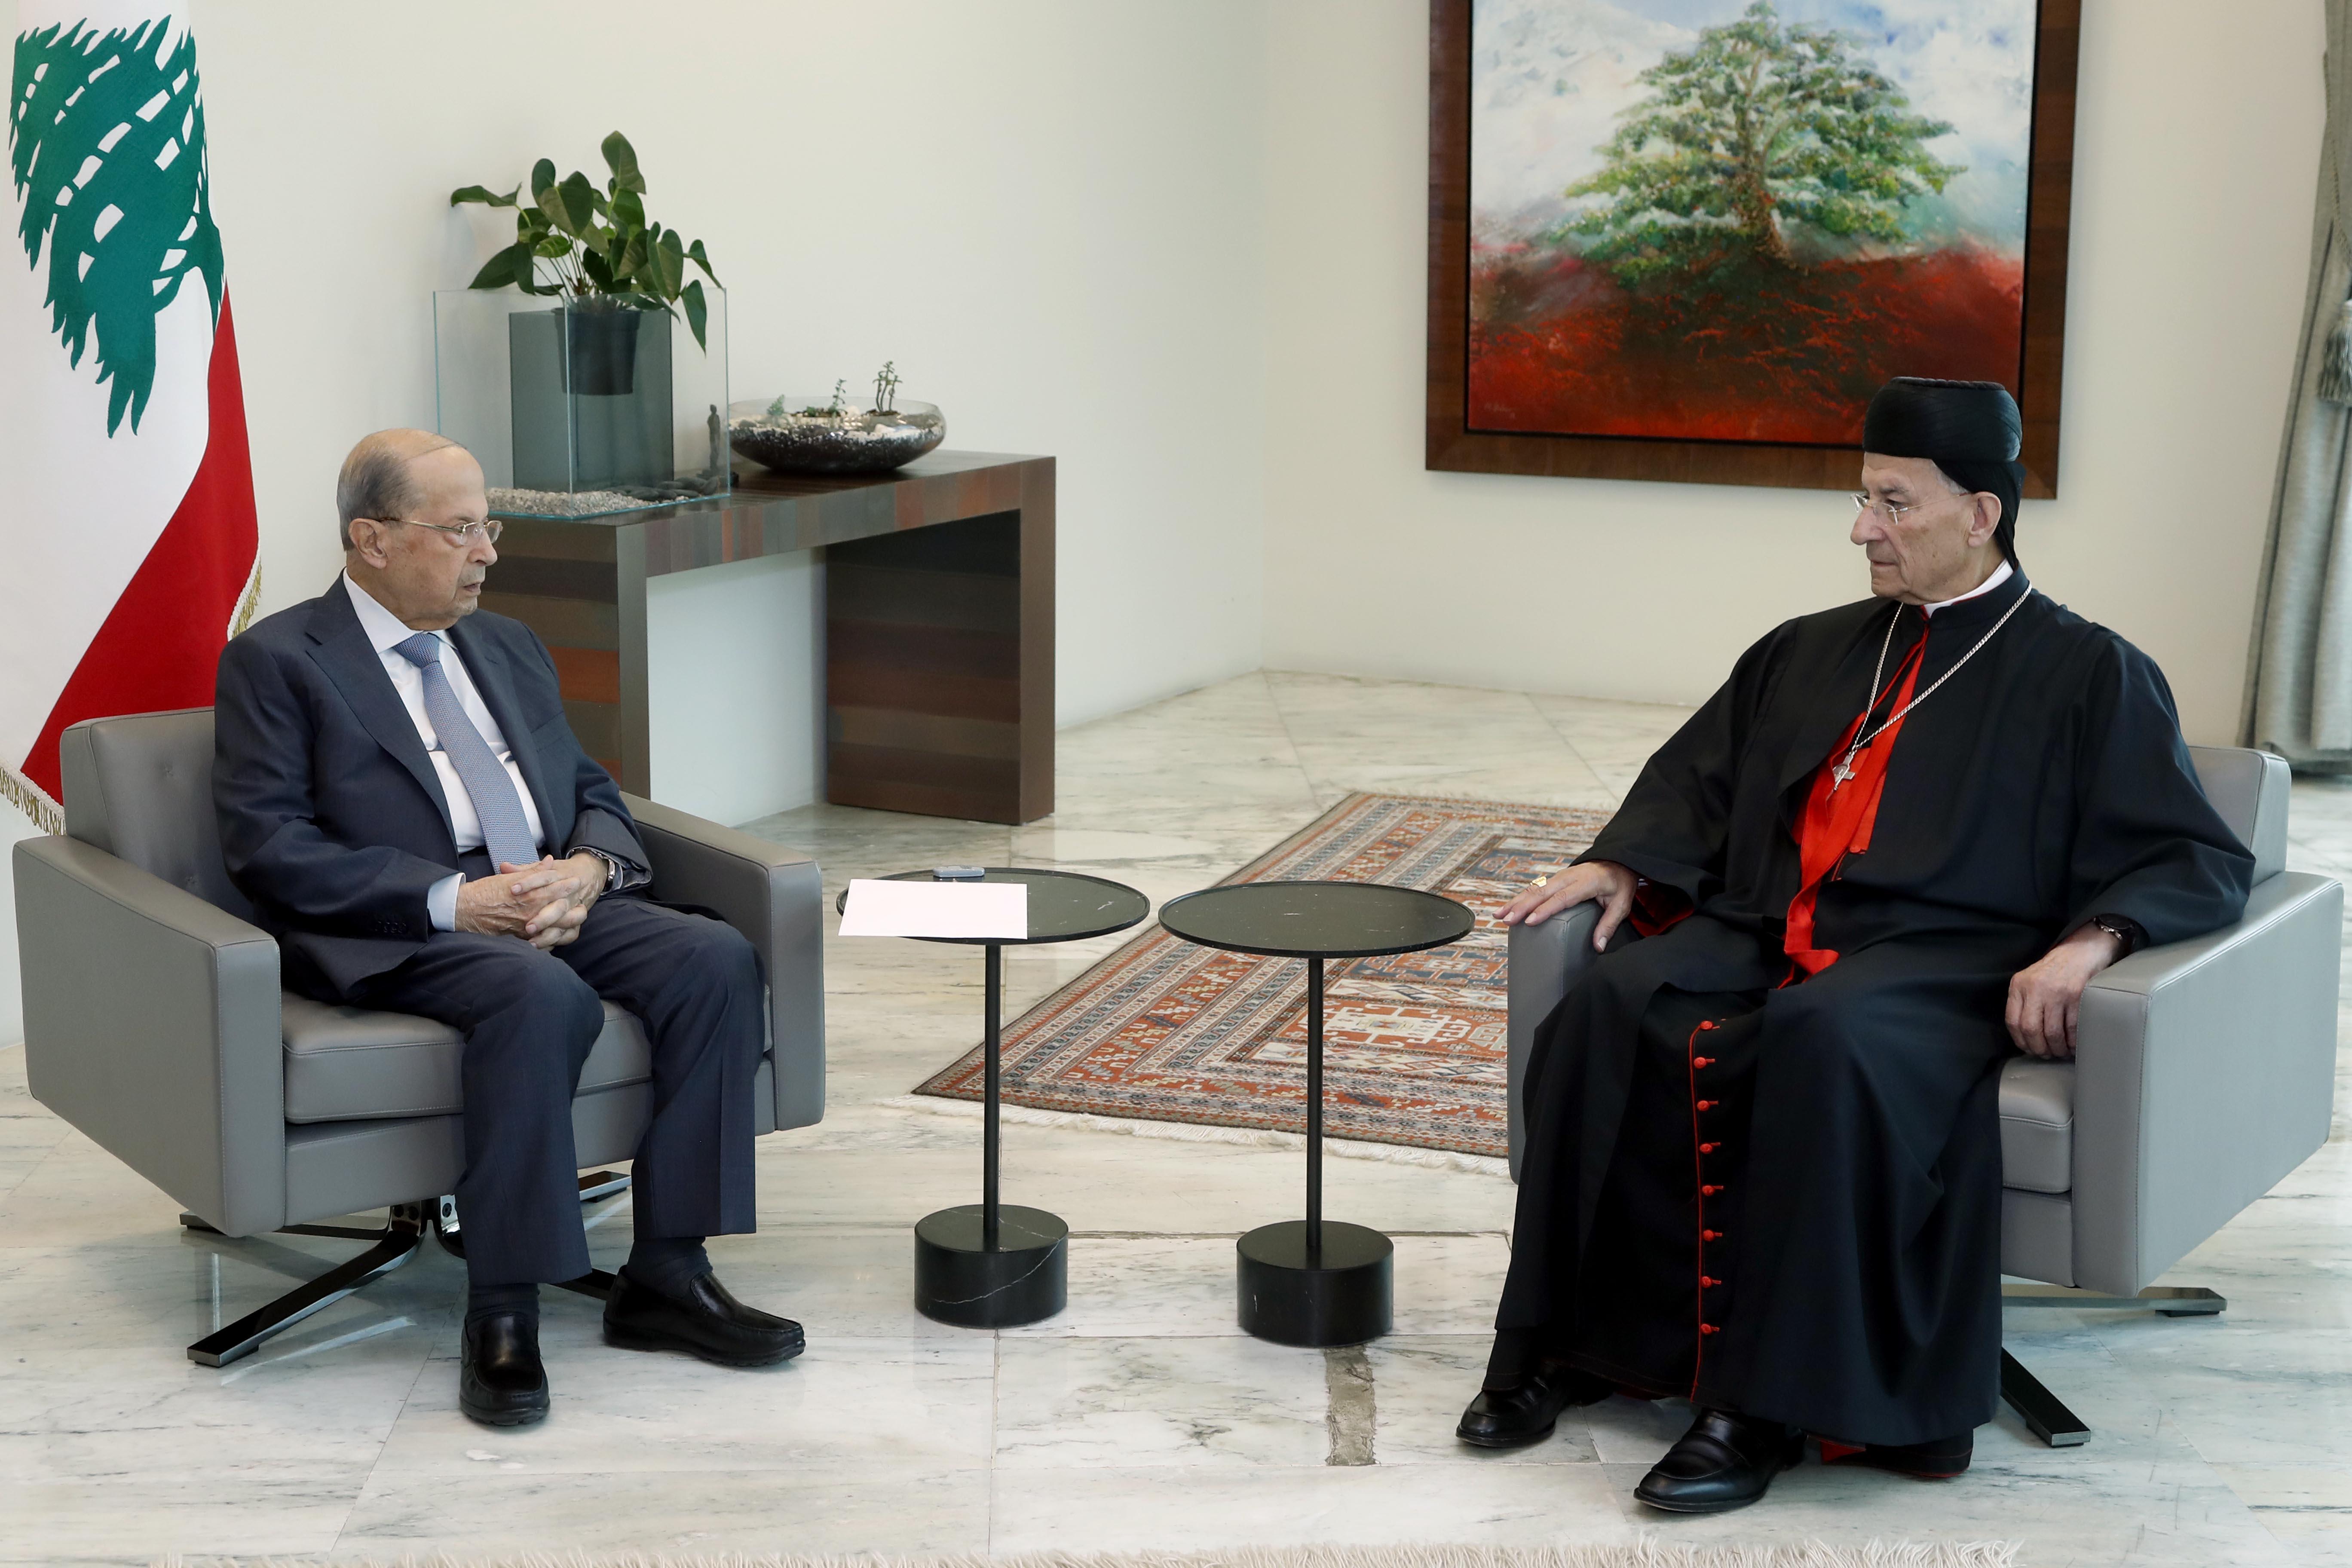 2 - Patriarch Bechara Boutros Al-Raï